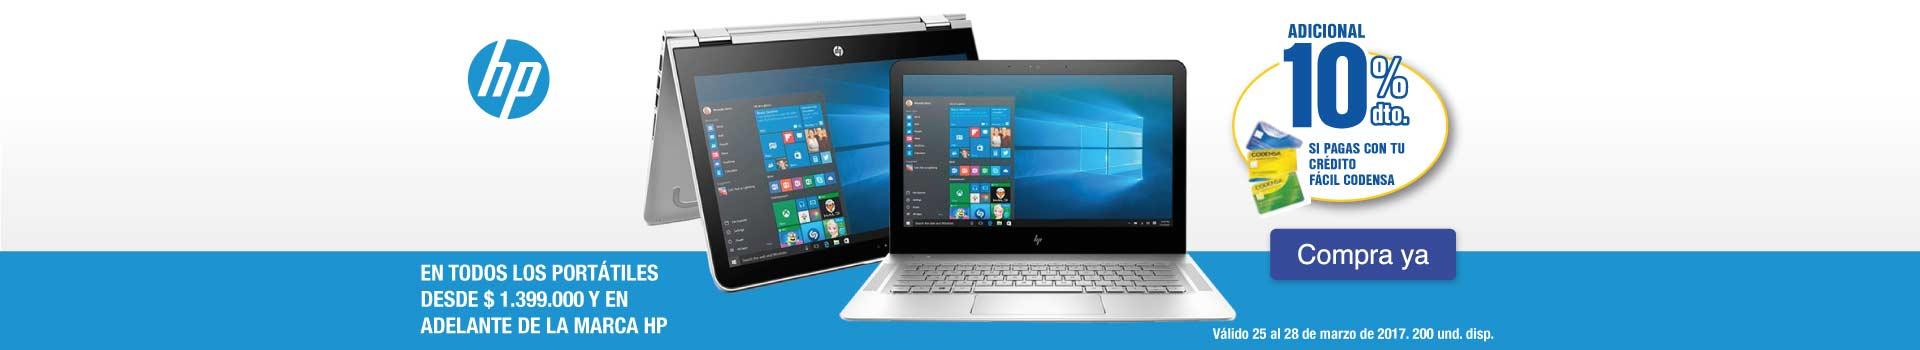 OPC KT - 10% Dto. Adicional Codensa en todos los portátiles desde $1.399.000 HP - Mar 25